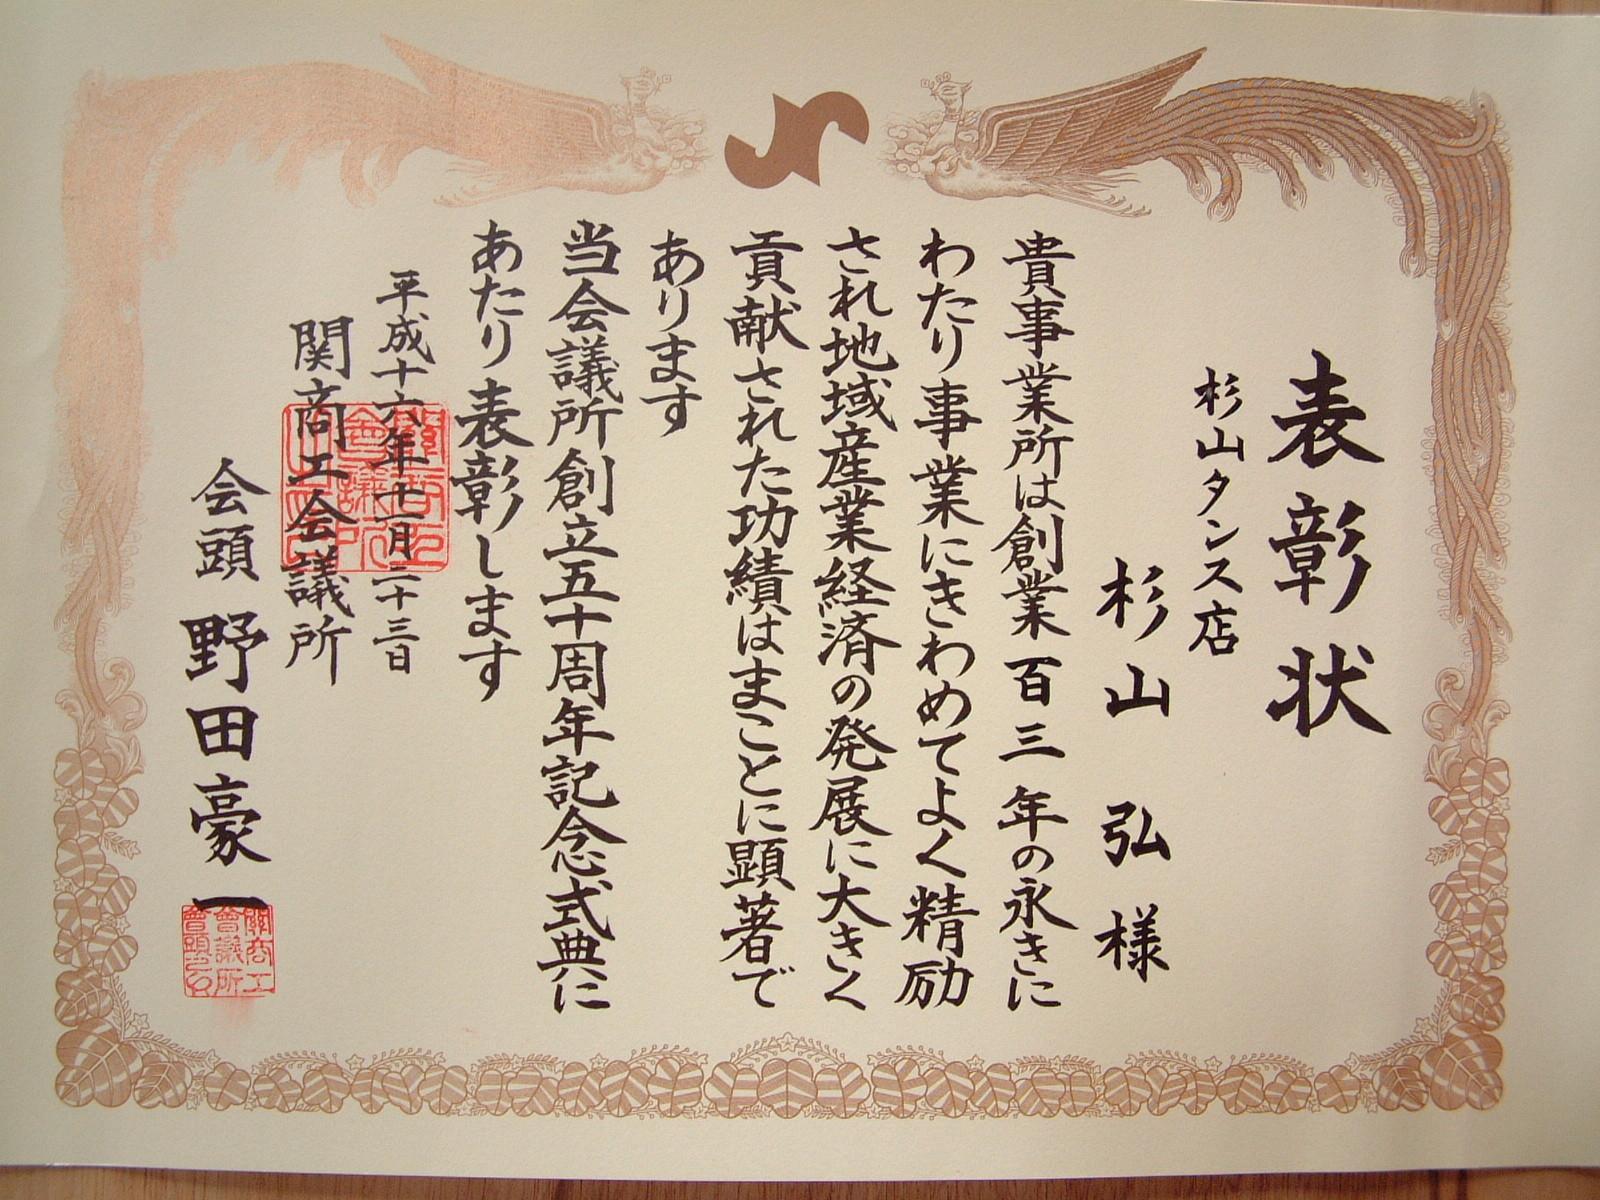 関商工会議所より創業103年表彰を受け現在114年です。